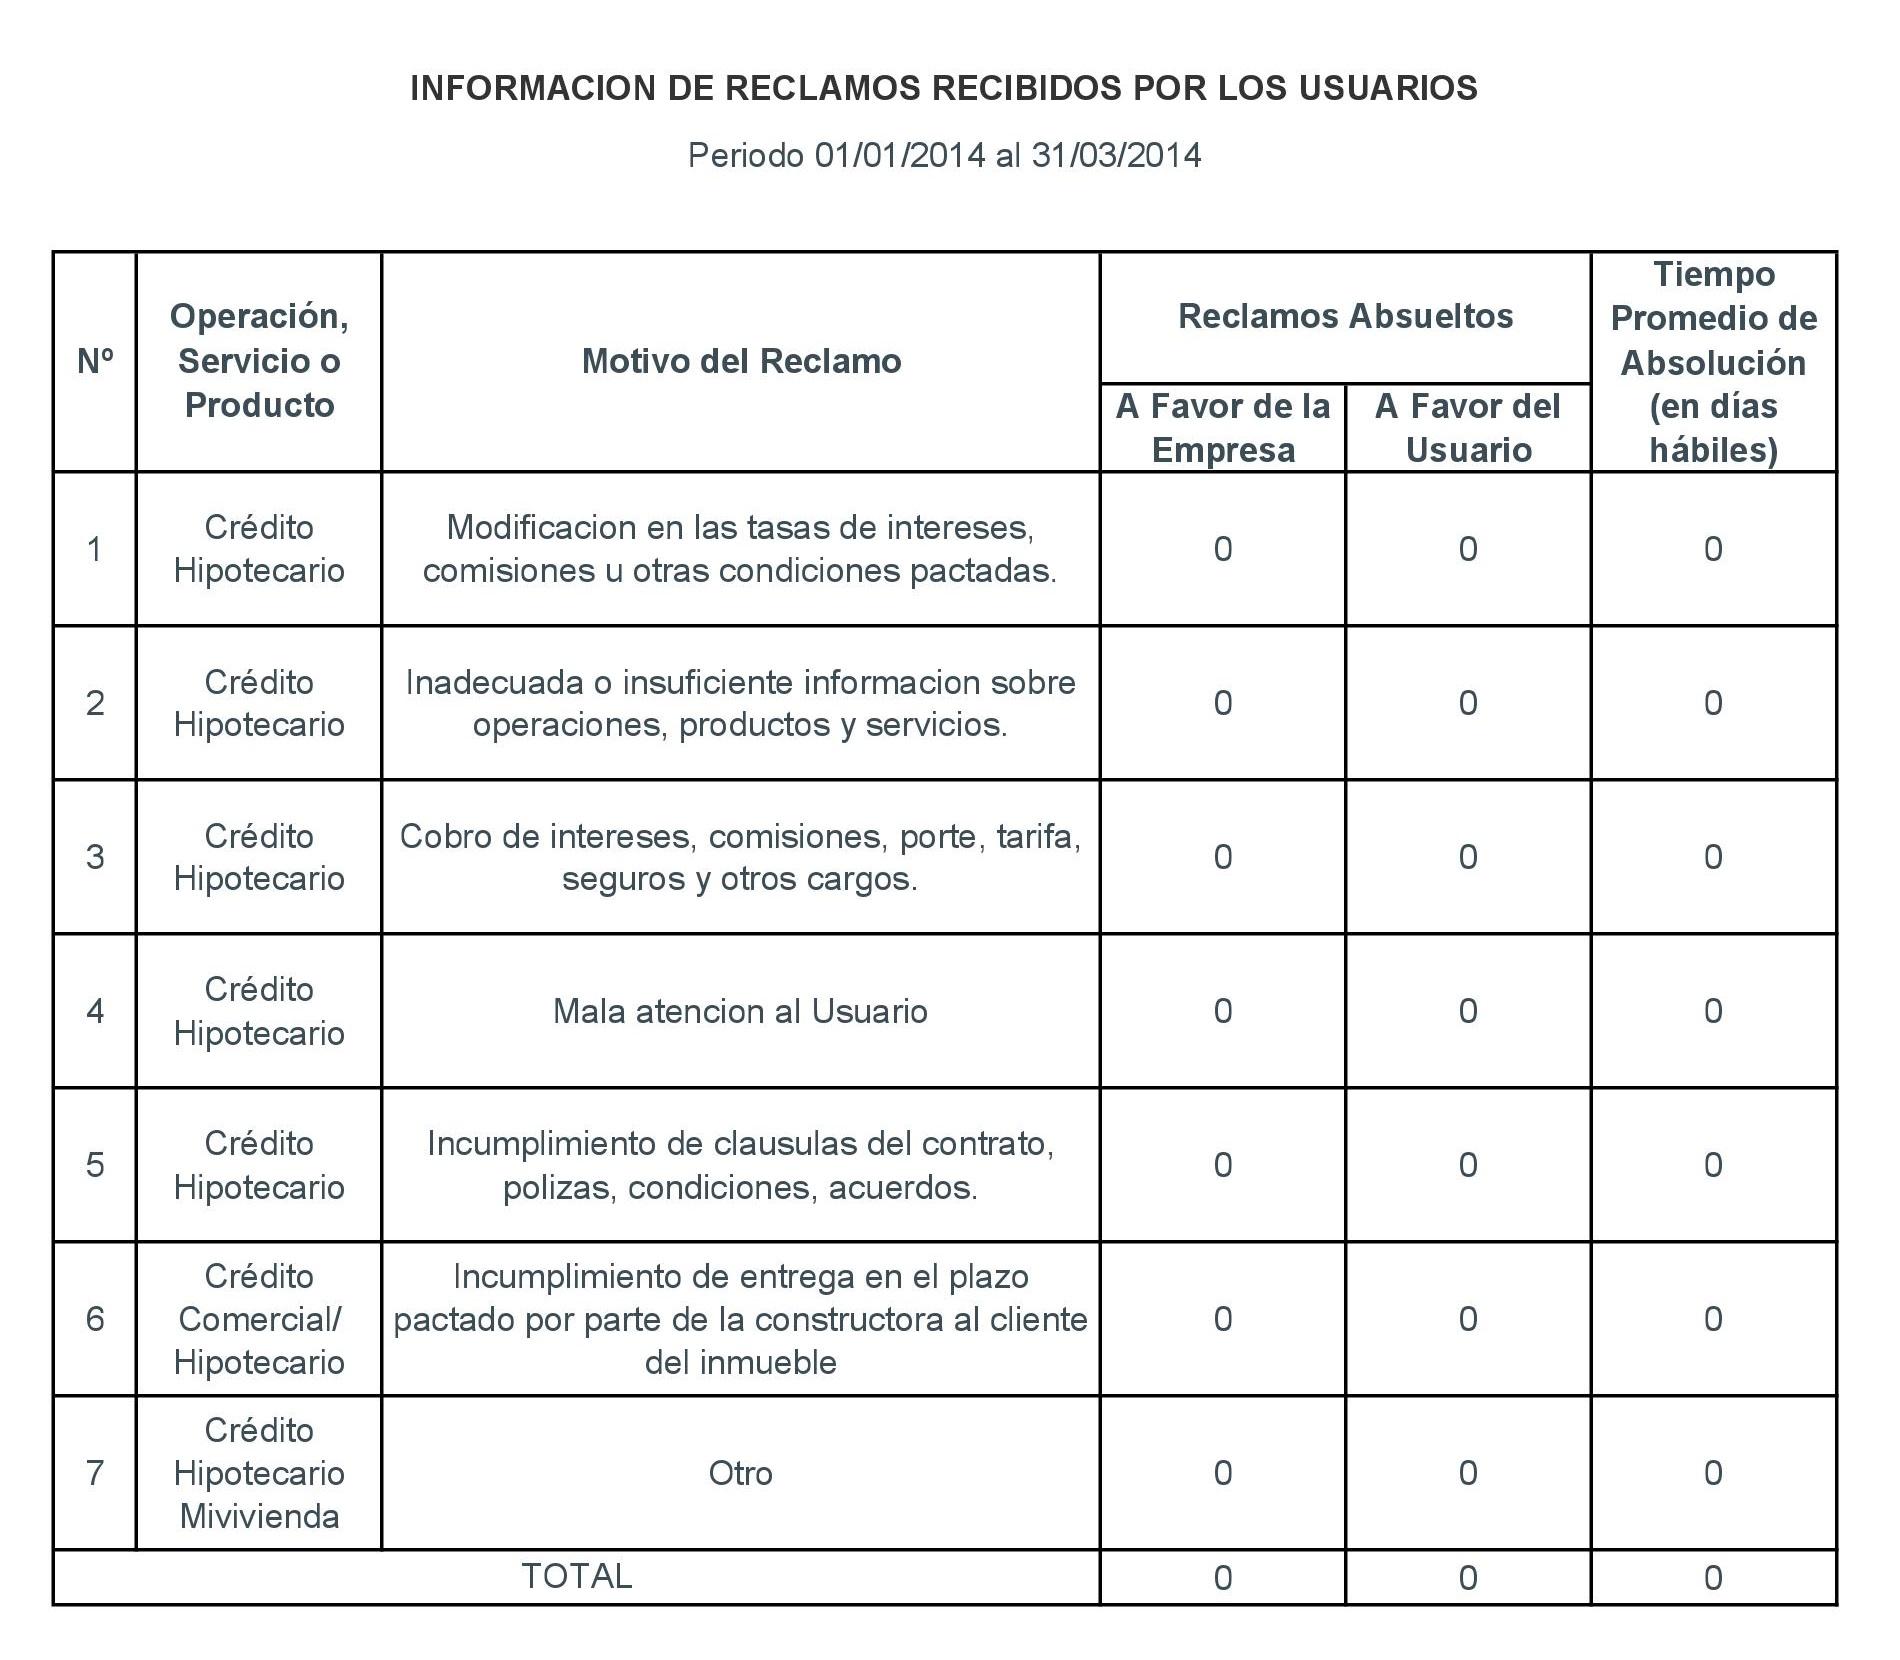 Periodo 01-01-2014 al 31-03-2014